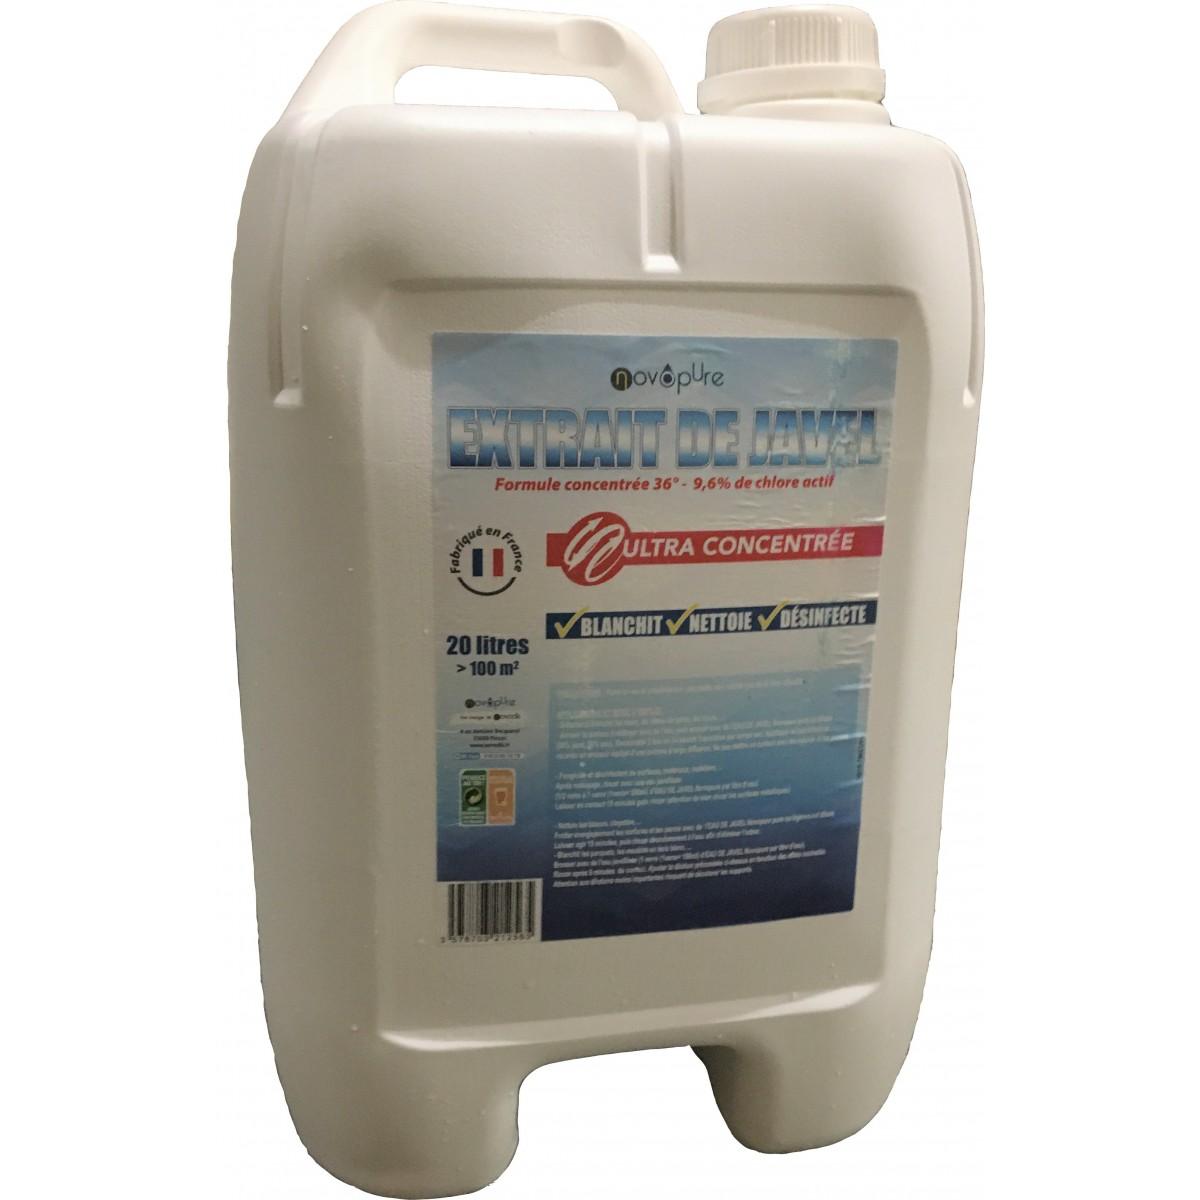 Eau De Javel Anti Mousse Terrasse extrait de javel 9,6% de chlore actif 20l